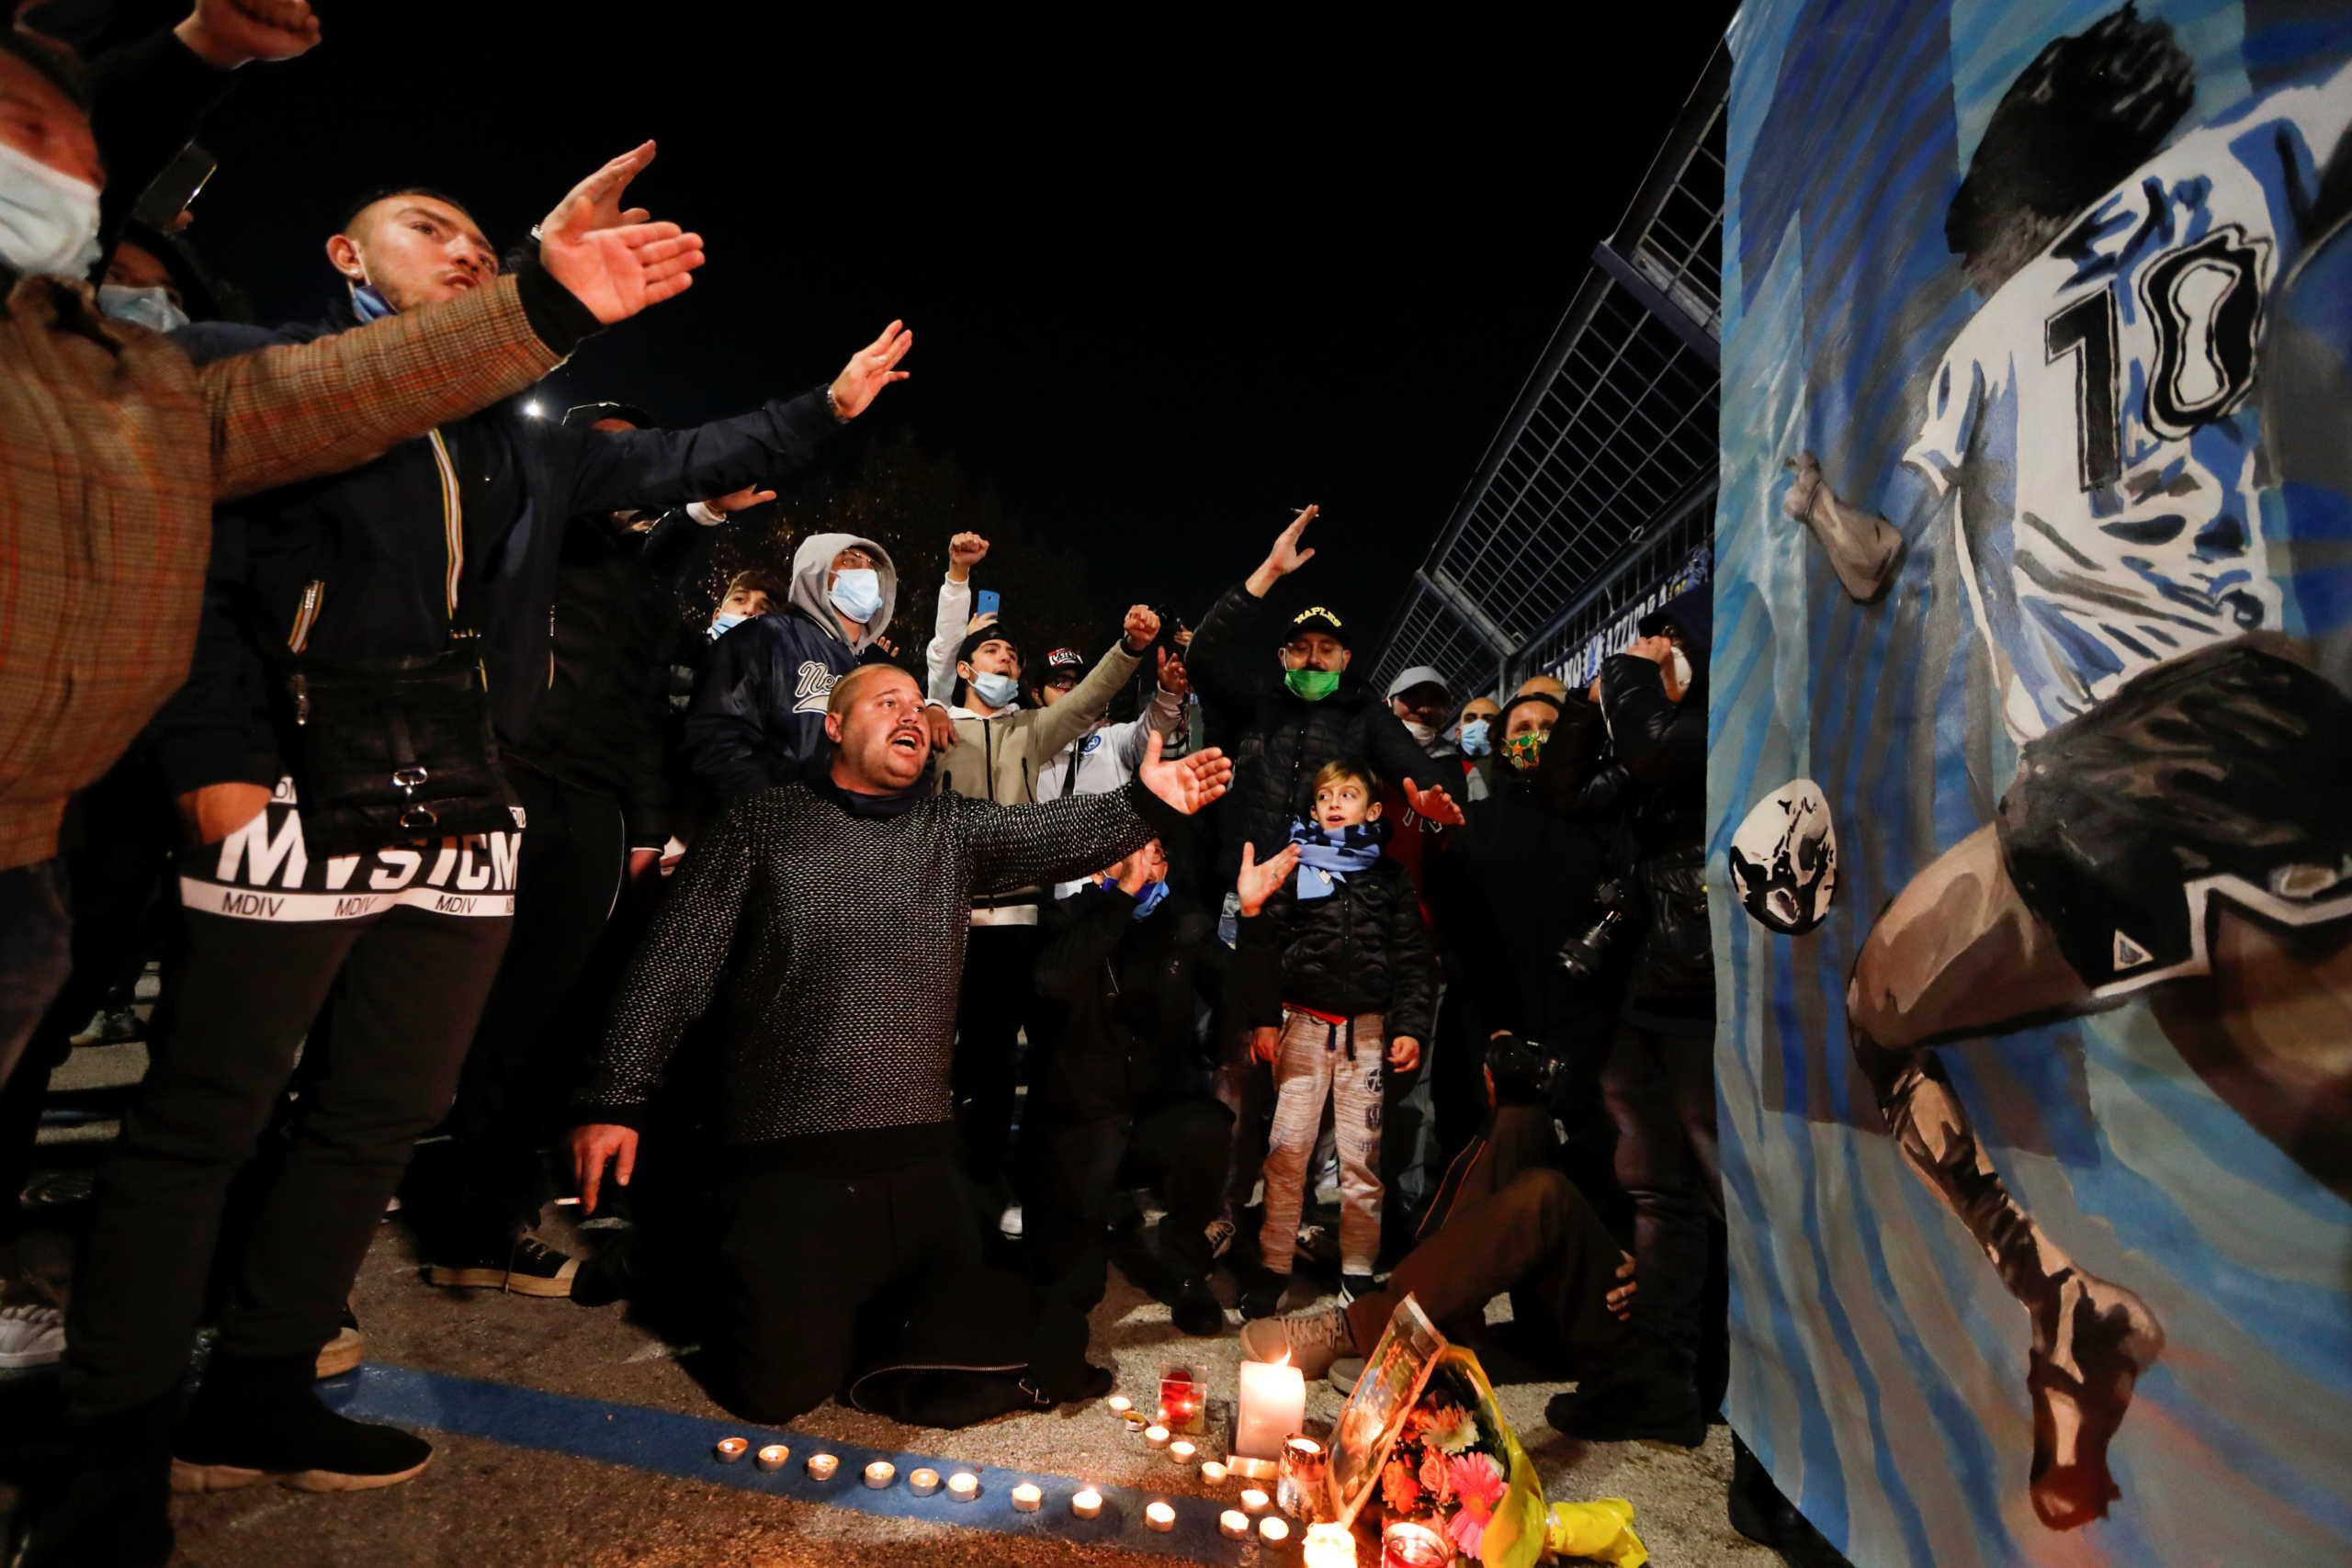 Ντιέγκο Μαραντόνα: Η Νάπολι θα δώσει το όνομά του στο θρυλικό Σαν Πάολο (pic)